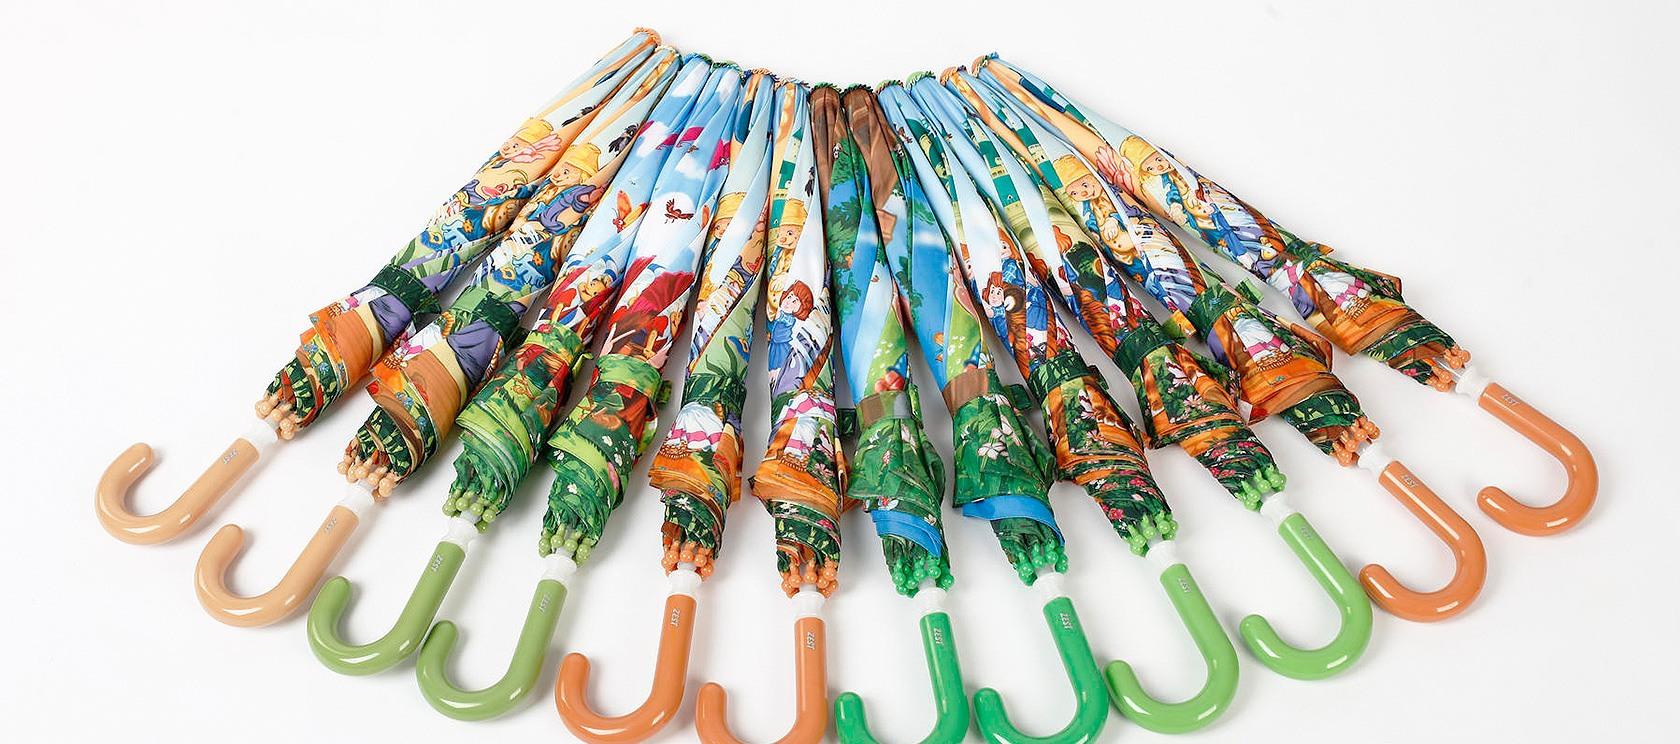 Przygotowaliśmy zjawiskowe parasolki dla dzieci. Zobacz, co polecamy!